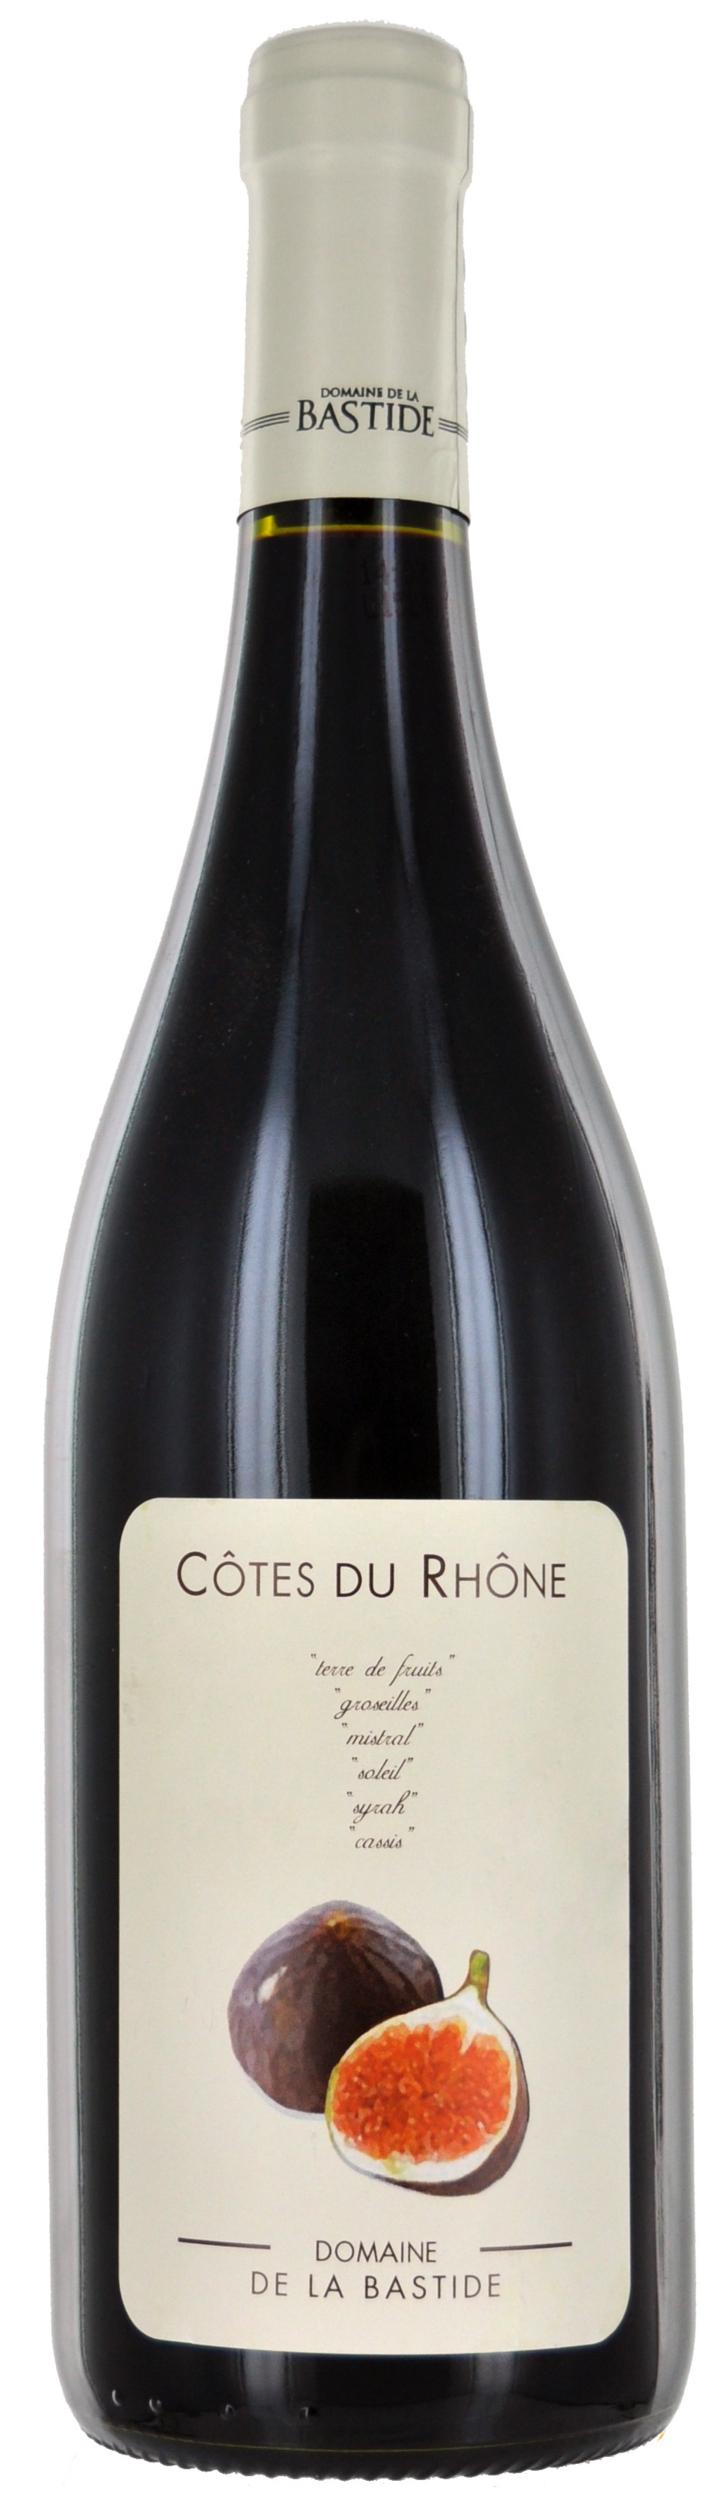 Côtes du Rhône - Les Figues - Domaine de la Bastide - 2019